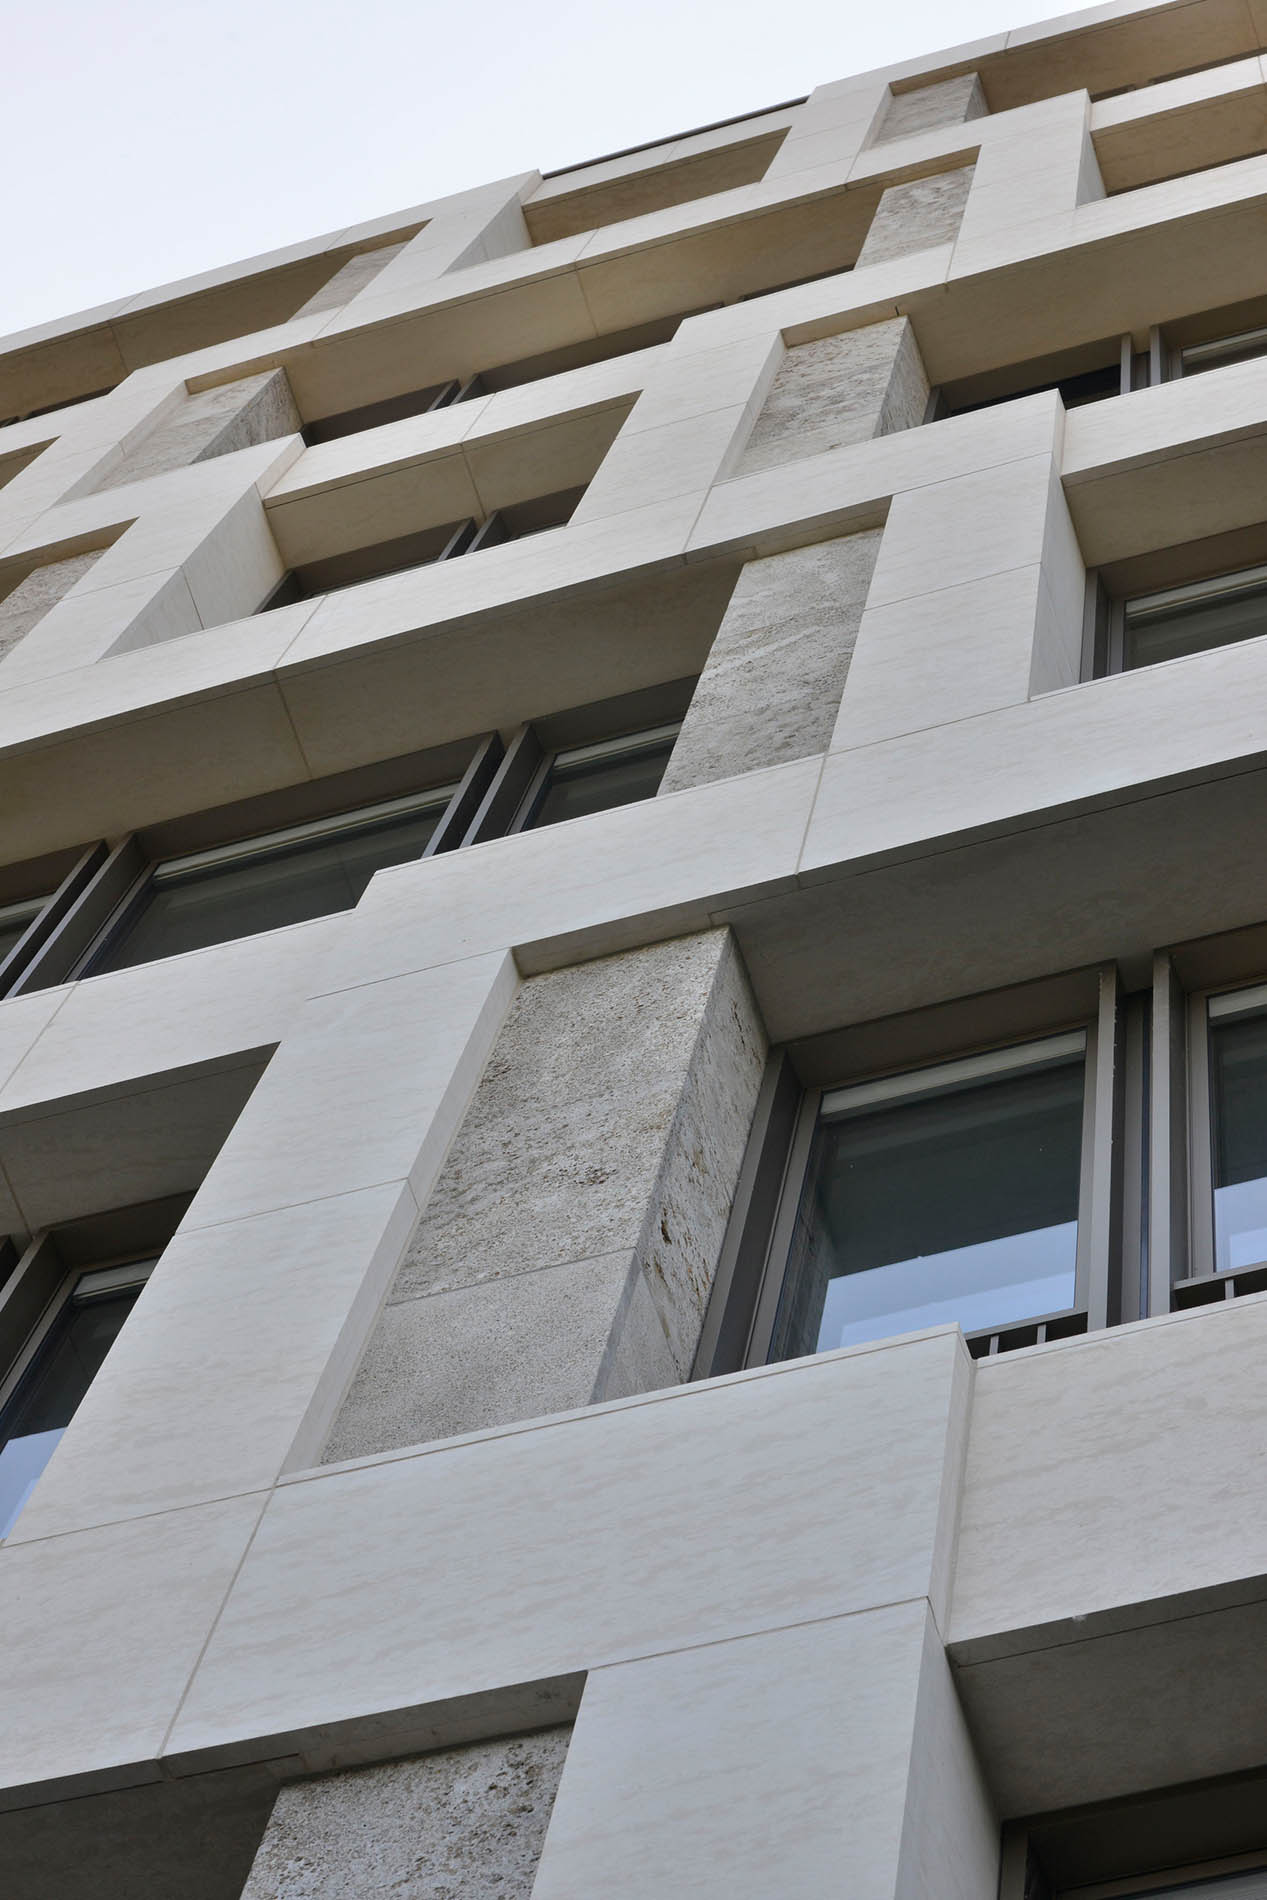 Bürogebäude auf dem Alstercampus in Hamburg mit Fassadenplatten und Fenstergewändern aus Muschelkalk